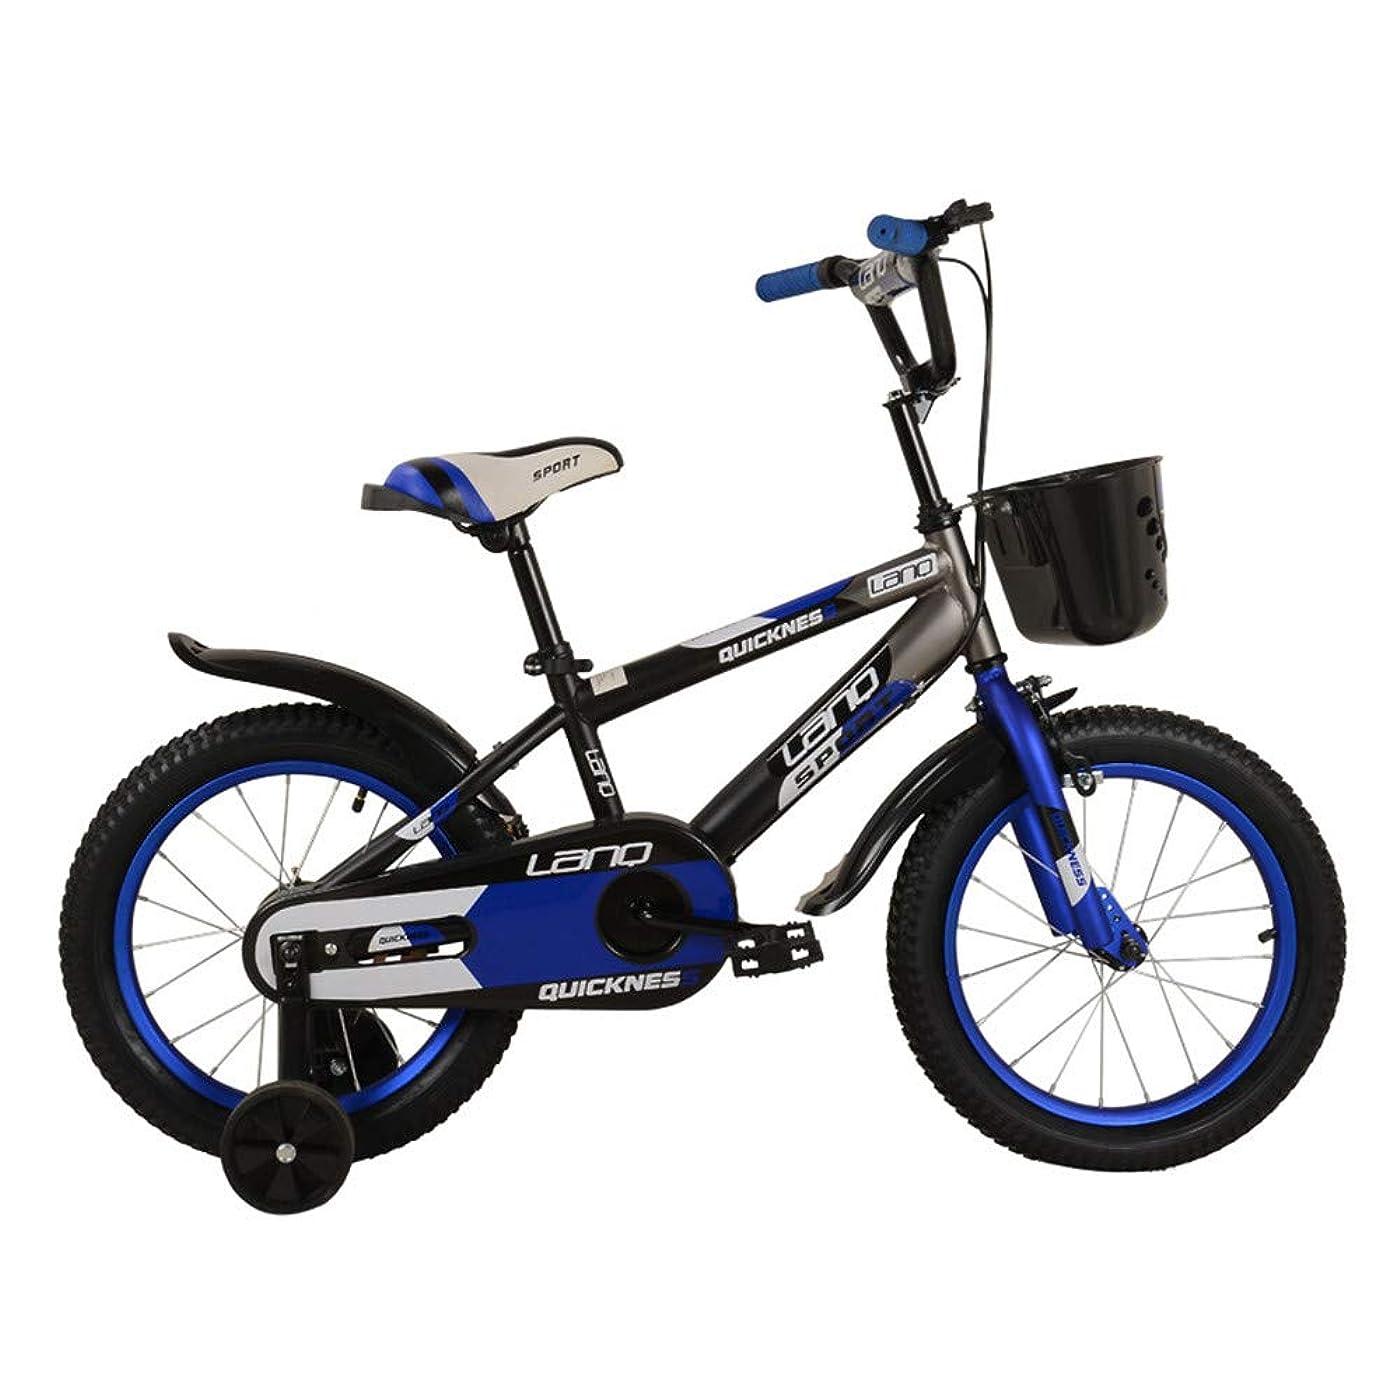 むちゃくちゃすき修理工室内自転車 フィットネスバイク キッズボーイズギルズバイク12inch Stablizers年齢3-5Y エアロフィットネス バイク (色 : 青)